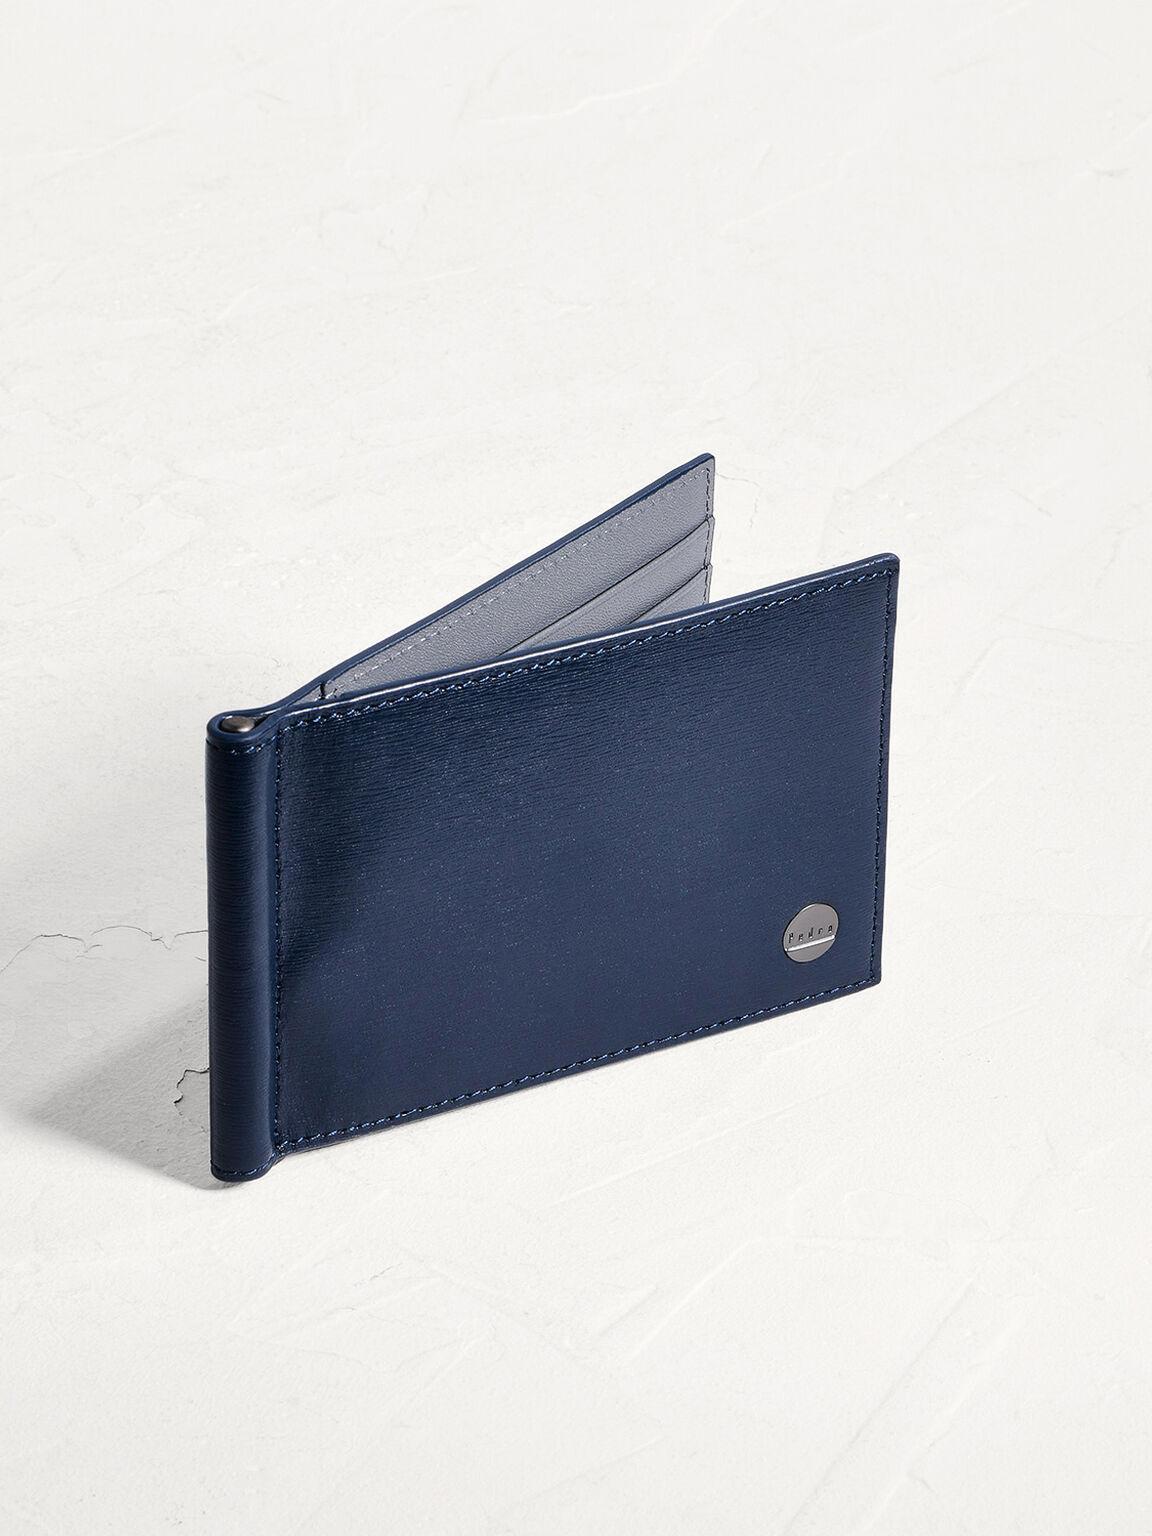 Leather Bi-Fold Money Clip Card Holder, Navy, hi-res